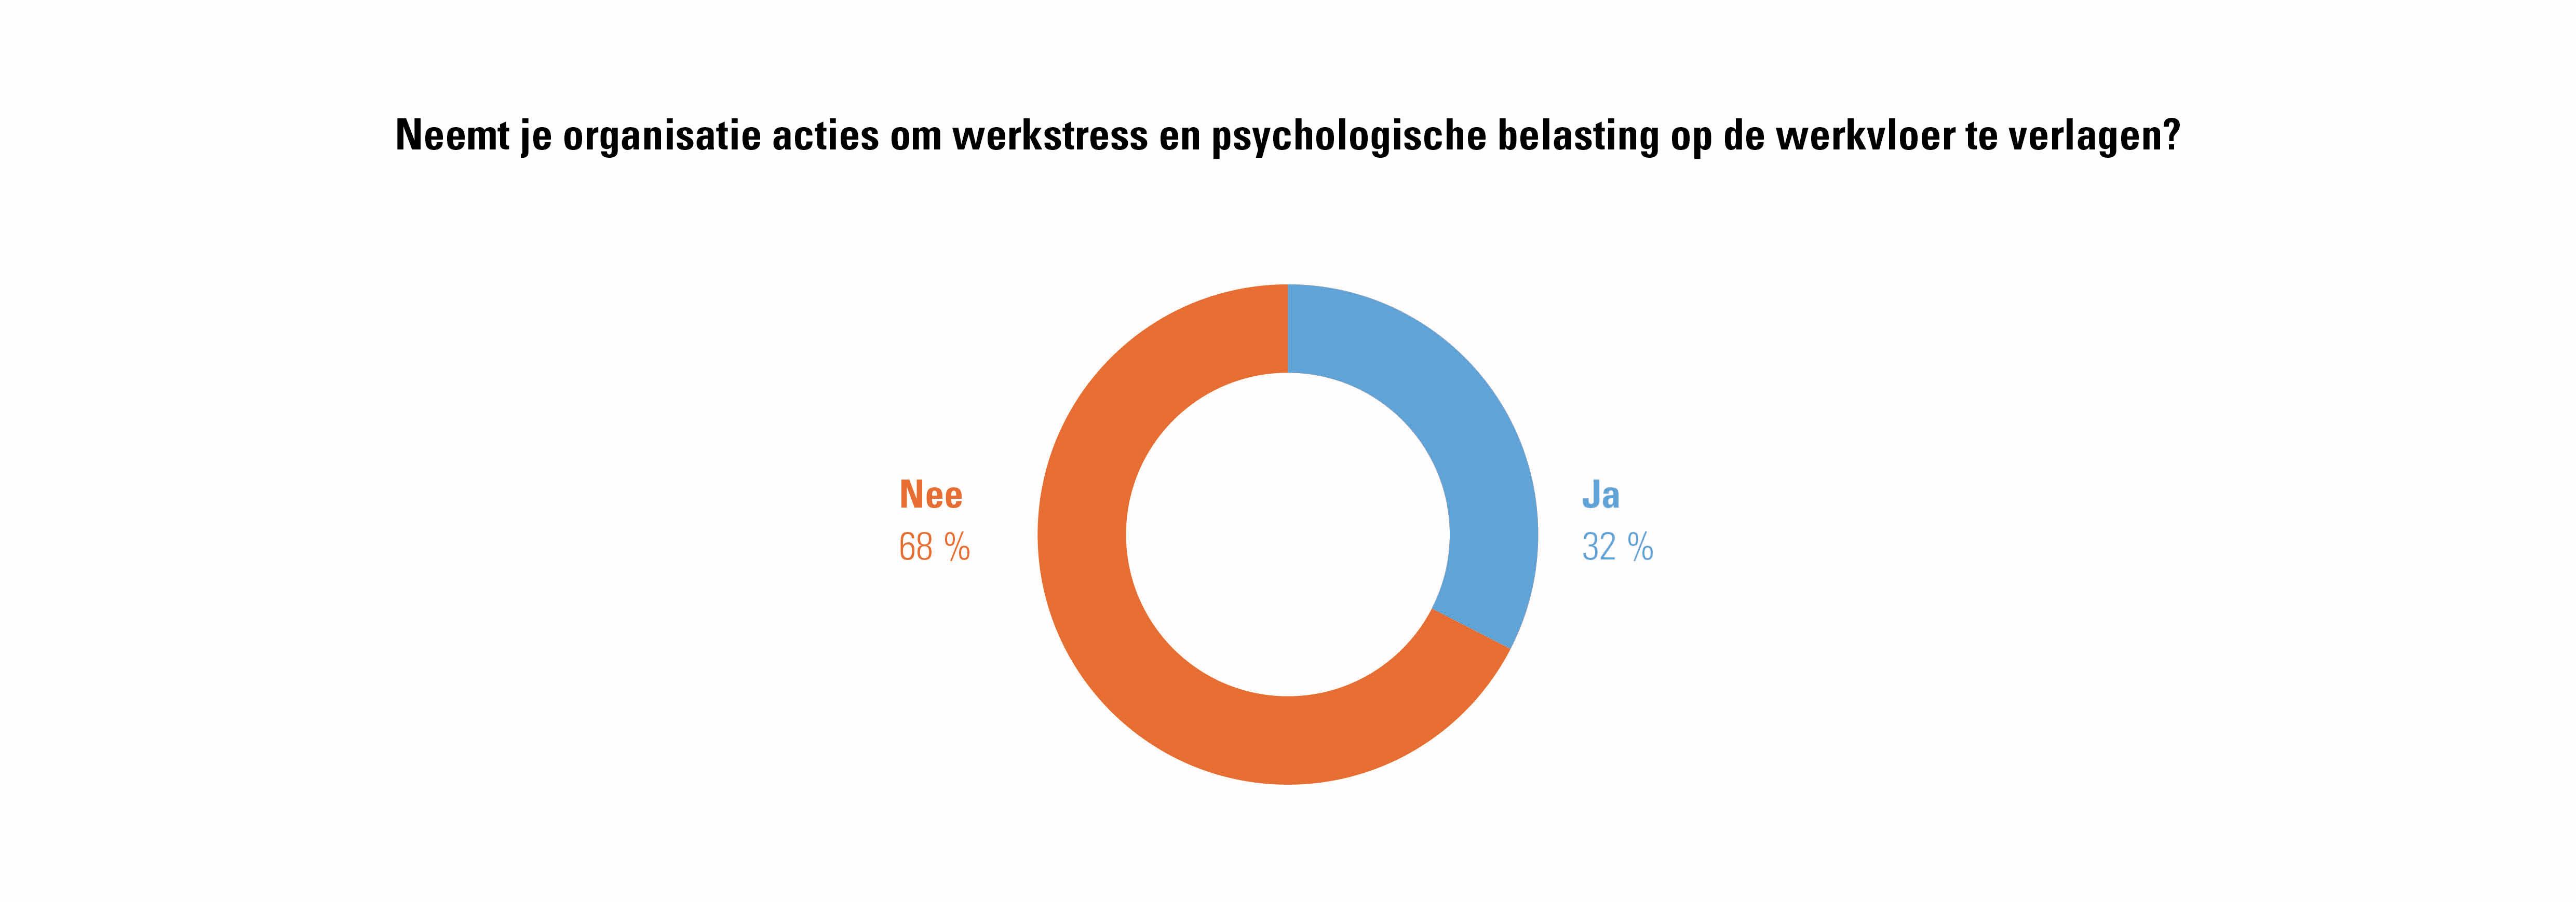 Wat werkgevers zeggen over acties genomen tegen stress